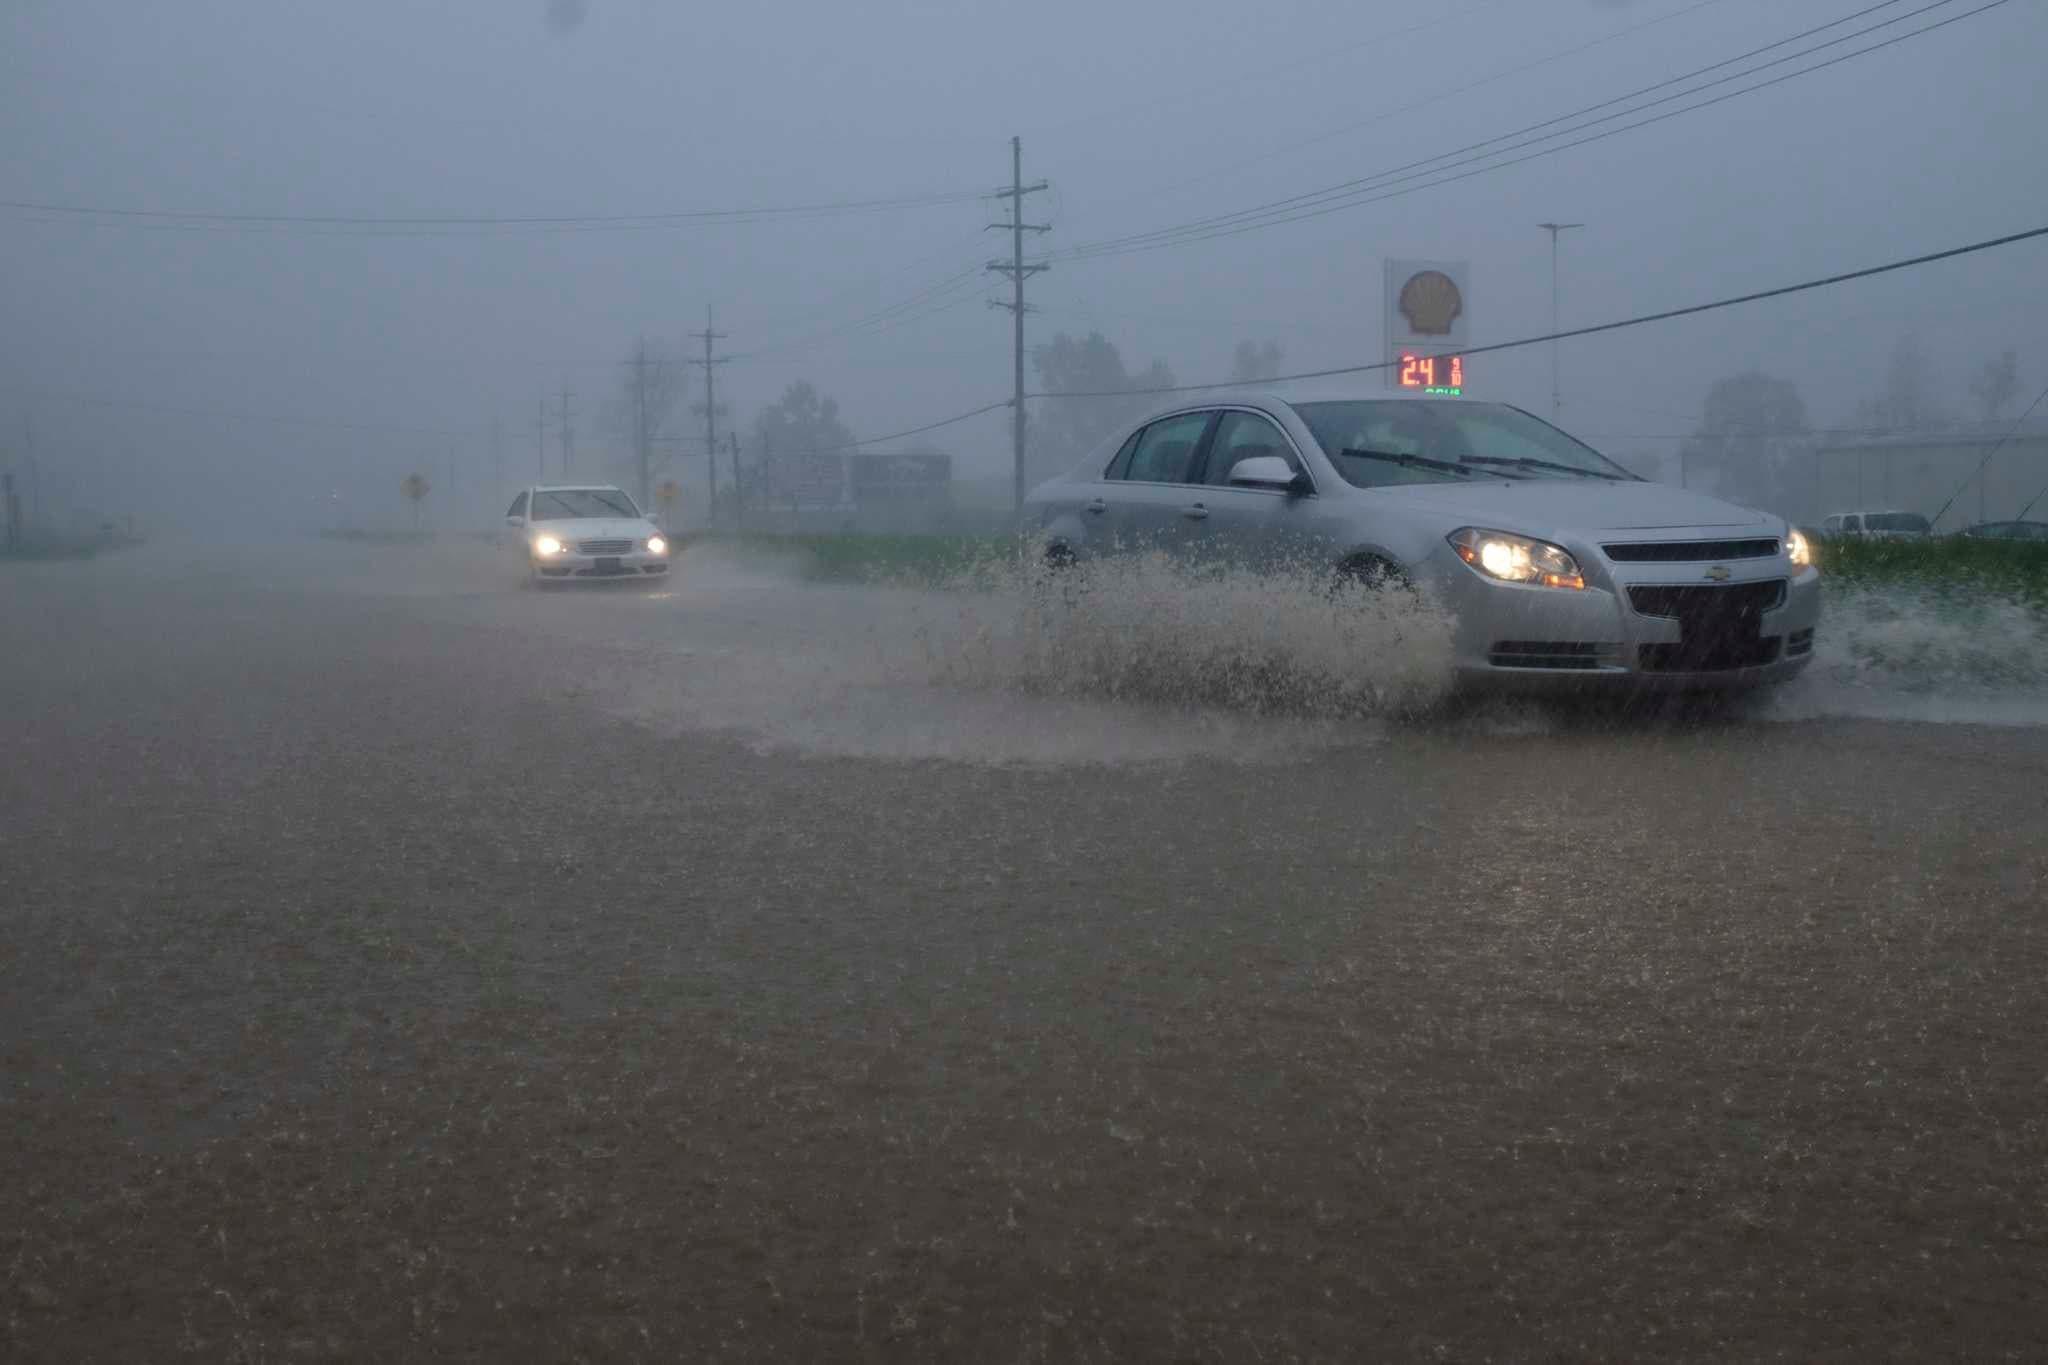 Los fuertes vientos, con torrenciales aguaceros y relámpagos, afectaron inicialmente el sur causando tornados e inundaciones que mataron a ocho personas, dejaron heridas a decenas más y arrasaron con un poblado de Texas.